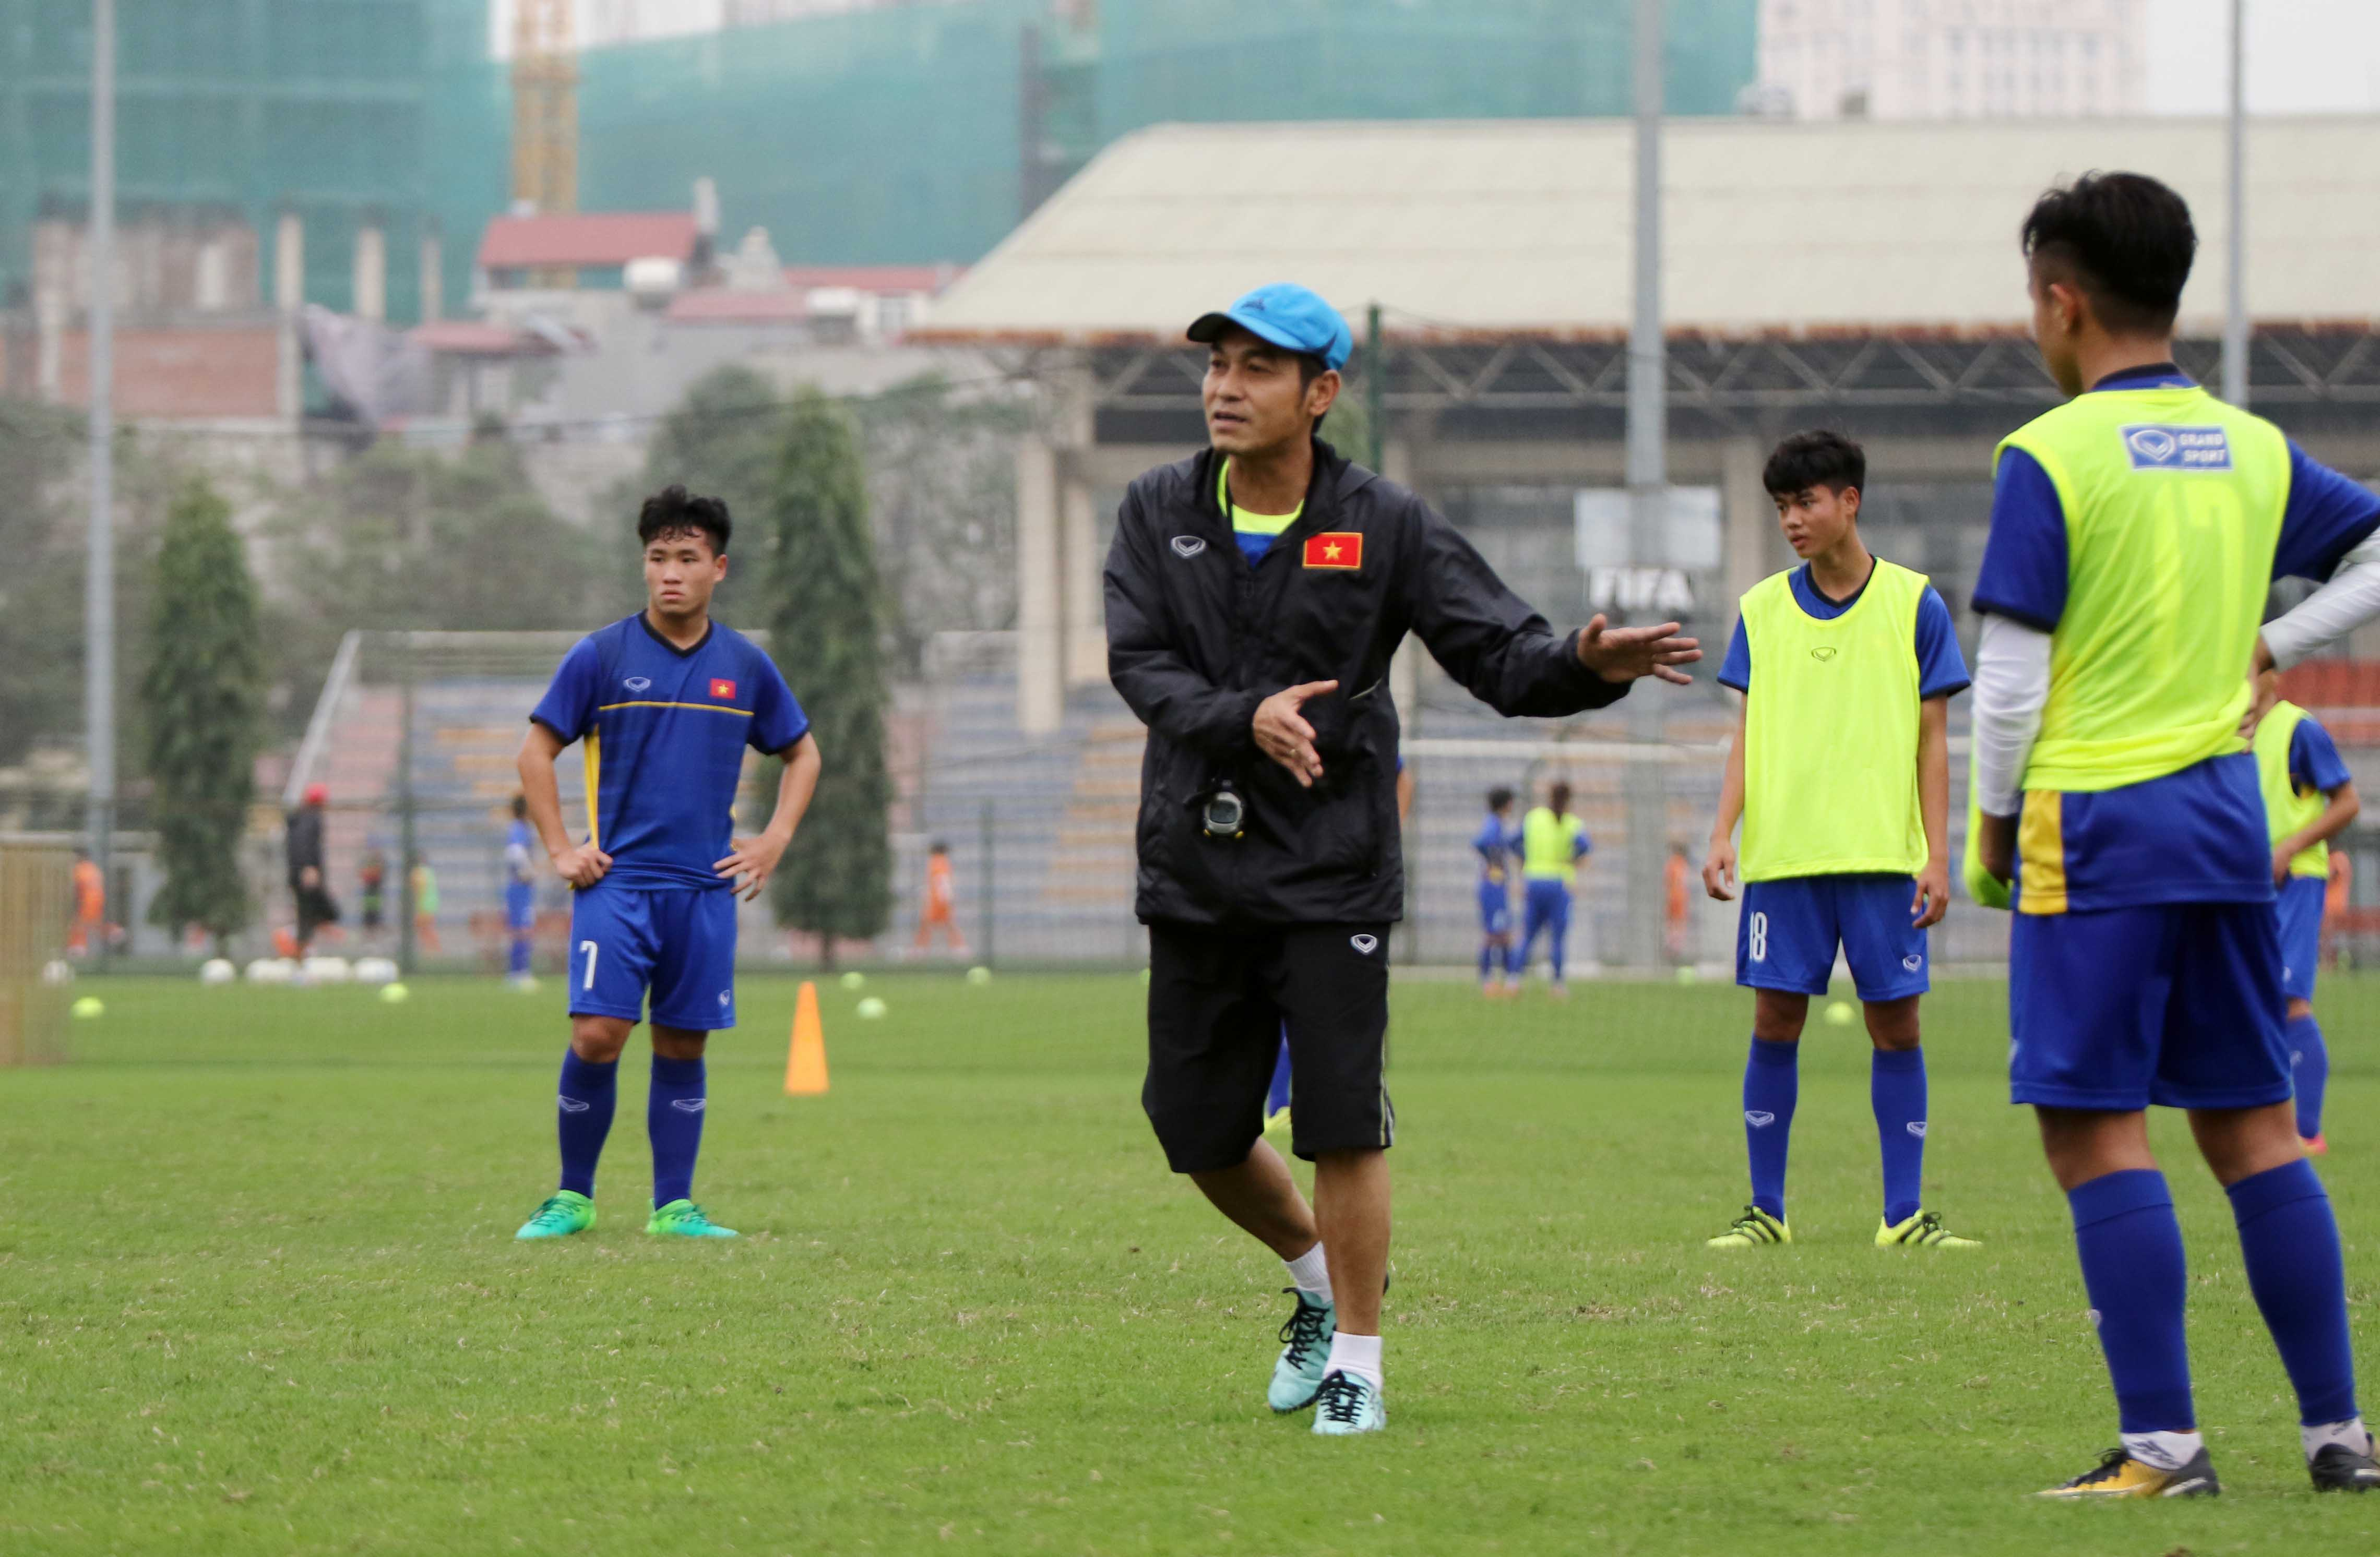 ĐT U15 Việt Nam triệu tập 31 cầu thủ chuẩn bị cho Giải vô địch U15 Đông Nam Á 2019